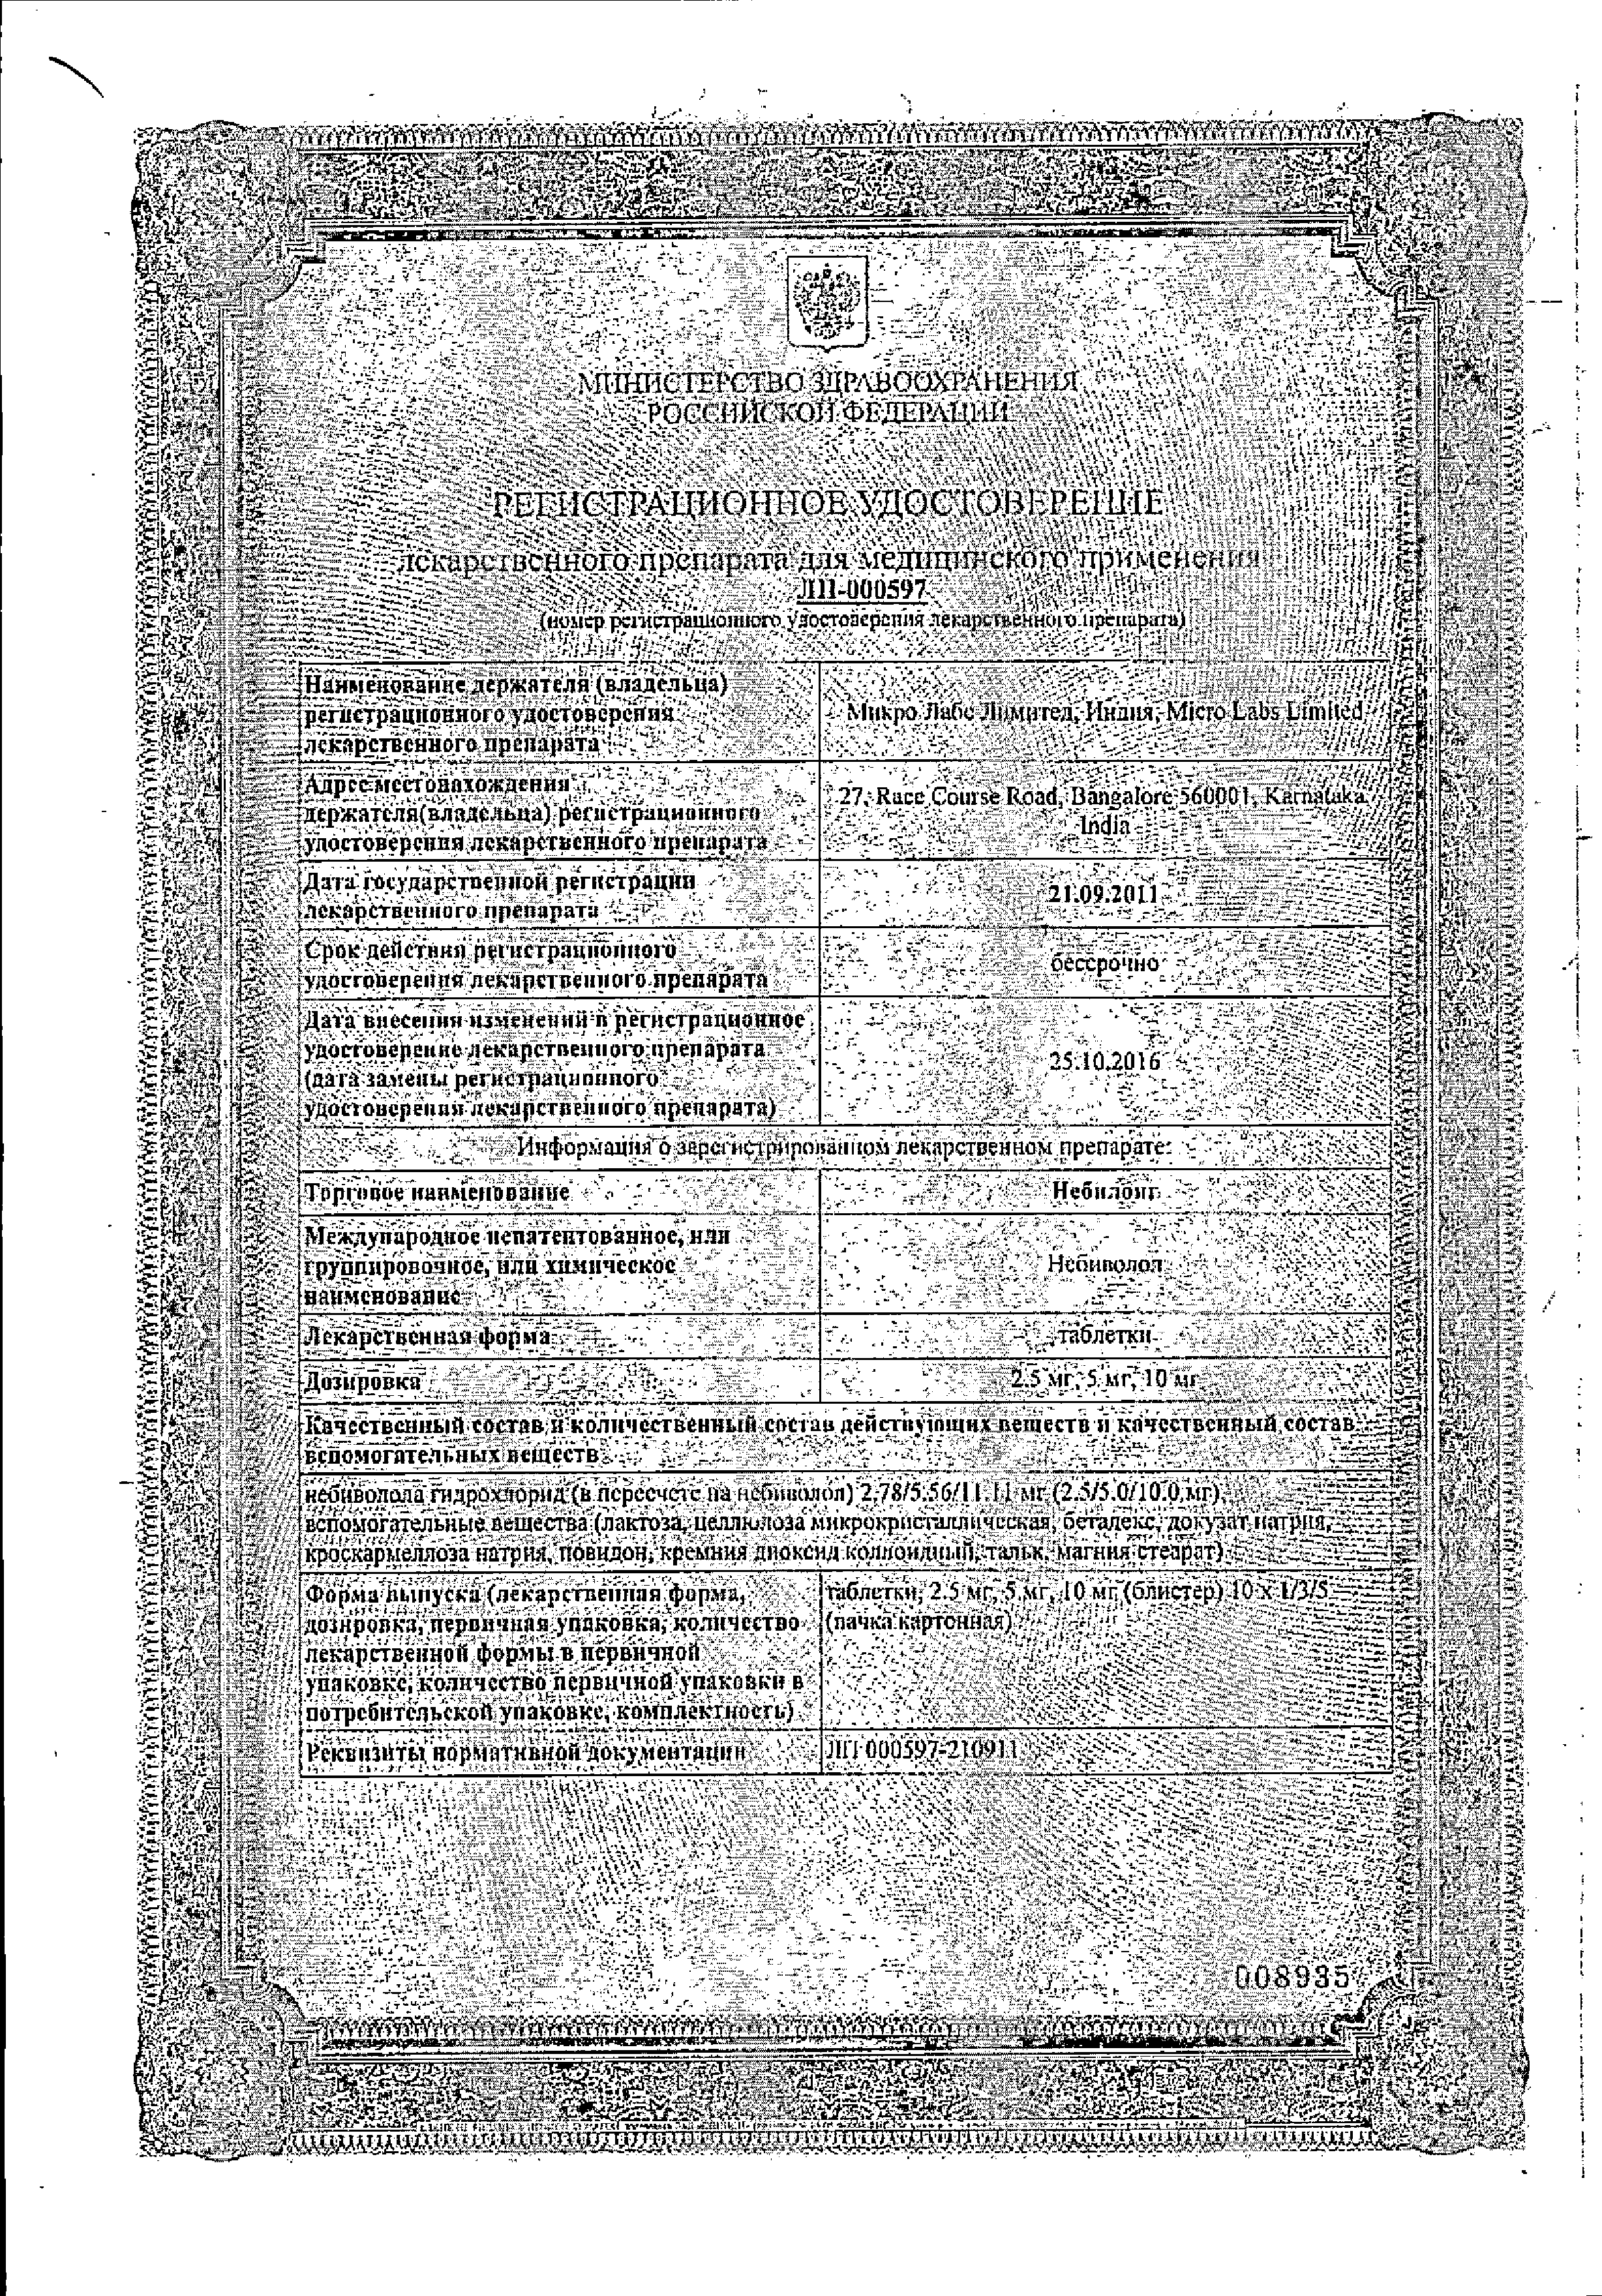 Небилонг сертификат